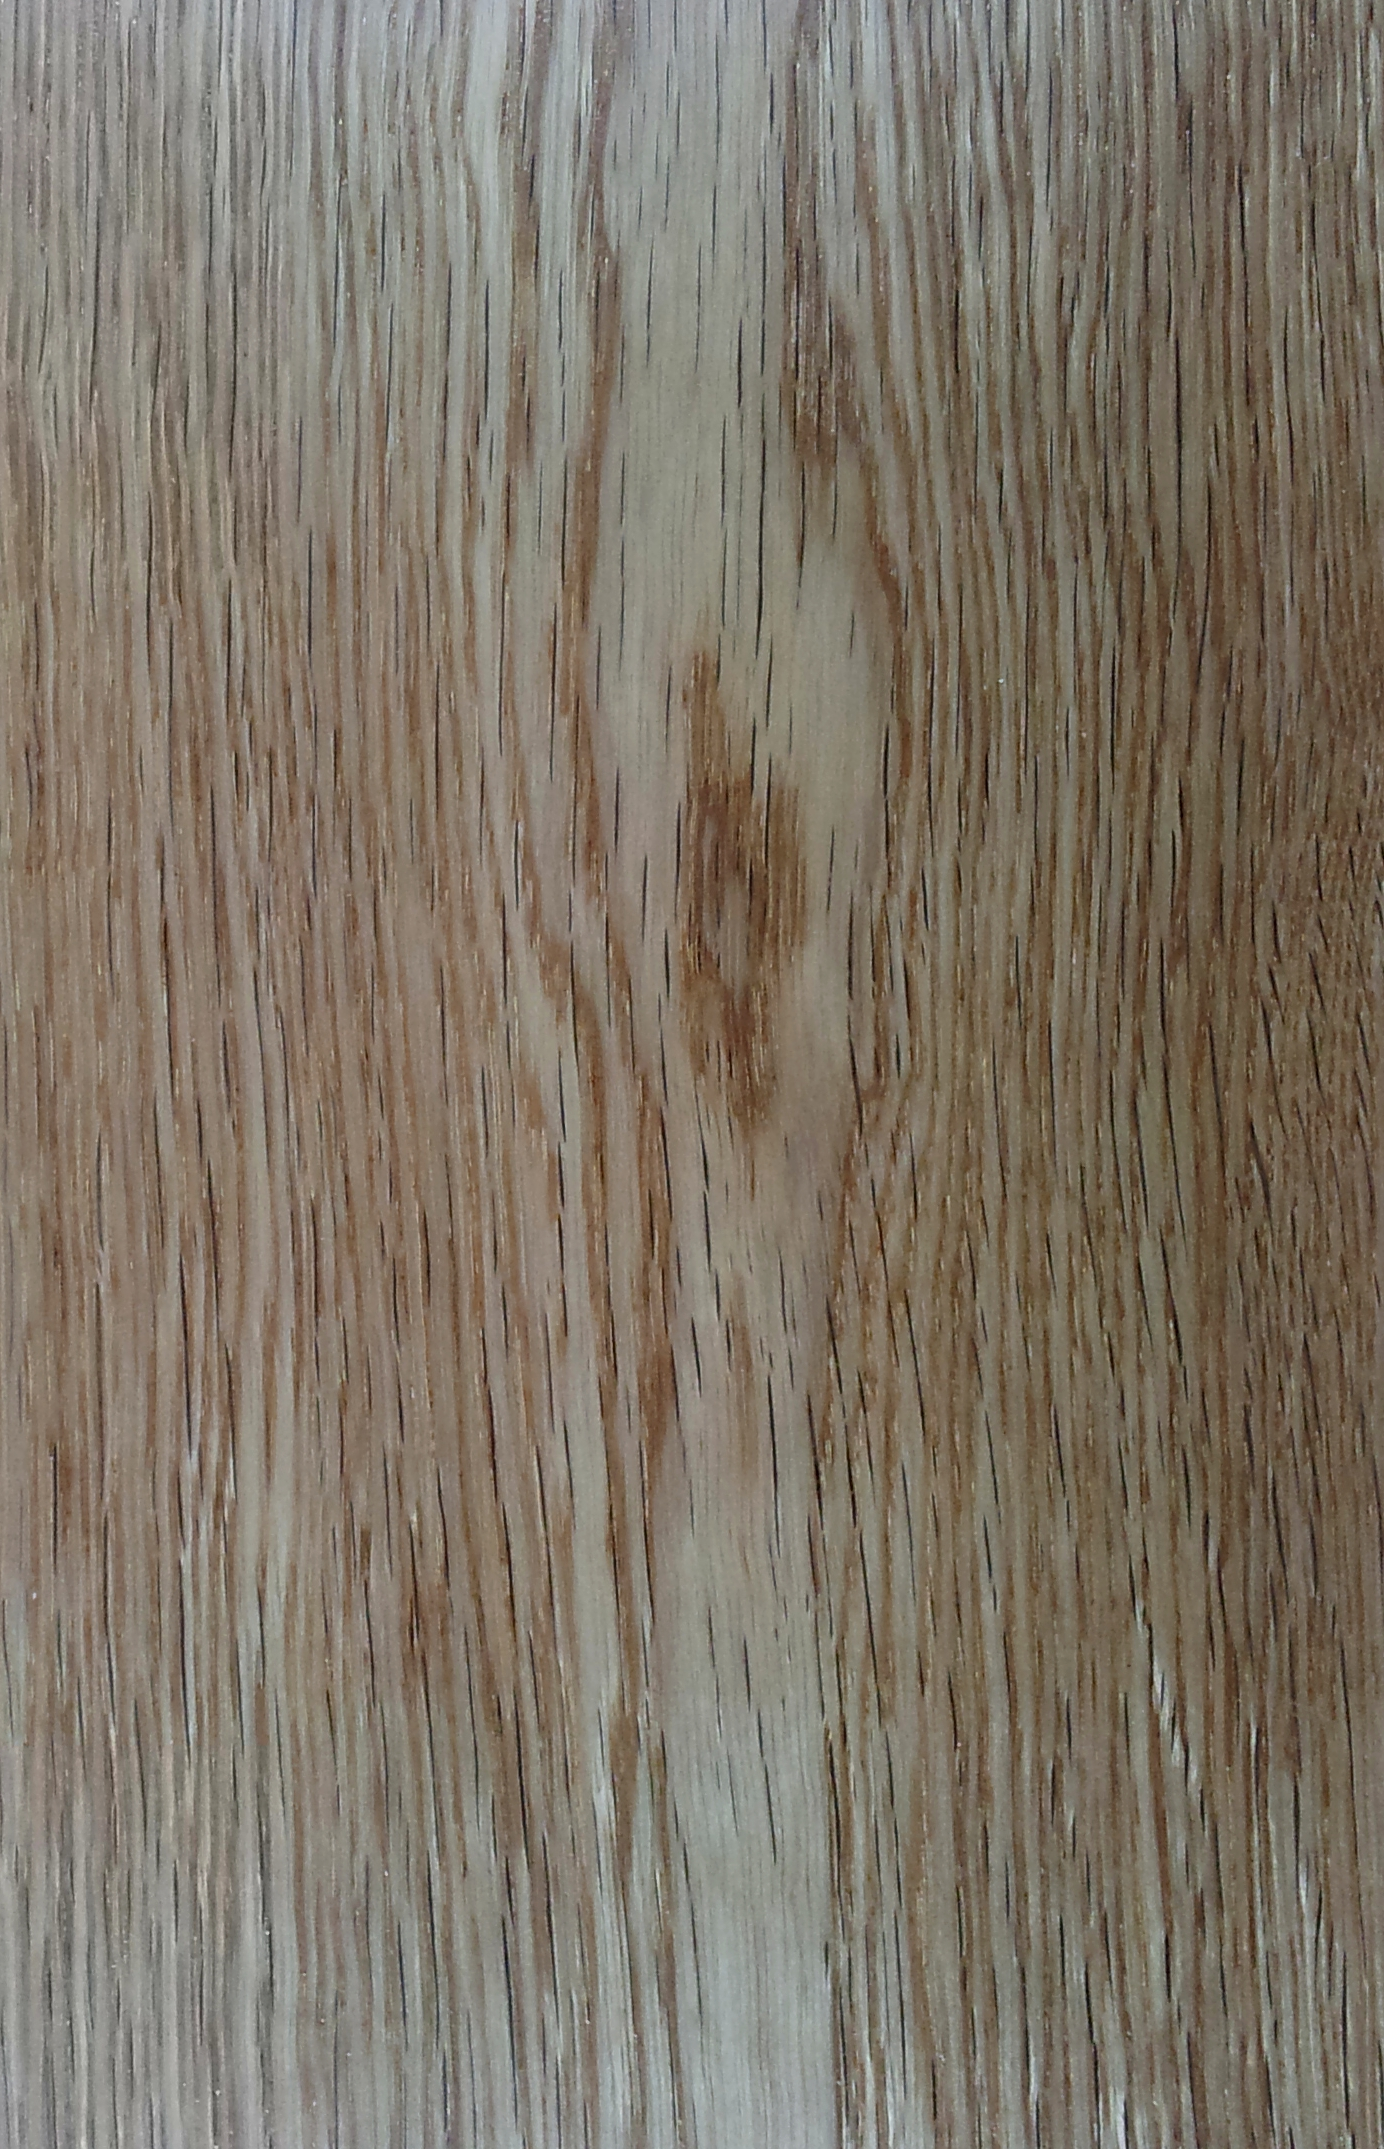 Hardwood Floors And Humidity : Engineered Wood Floors: Engineered Wood Floors And Humidity